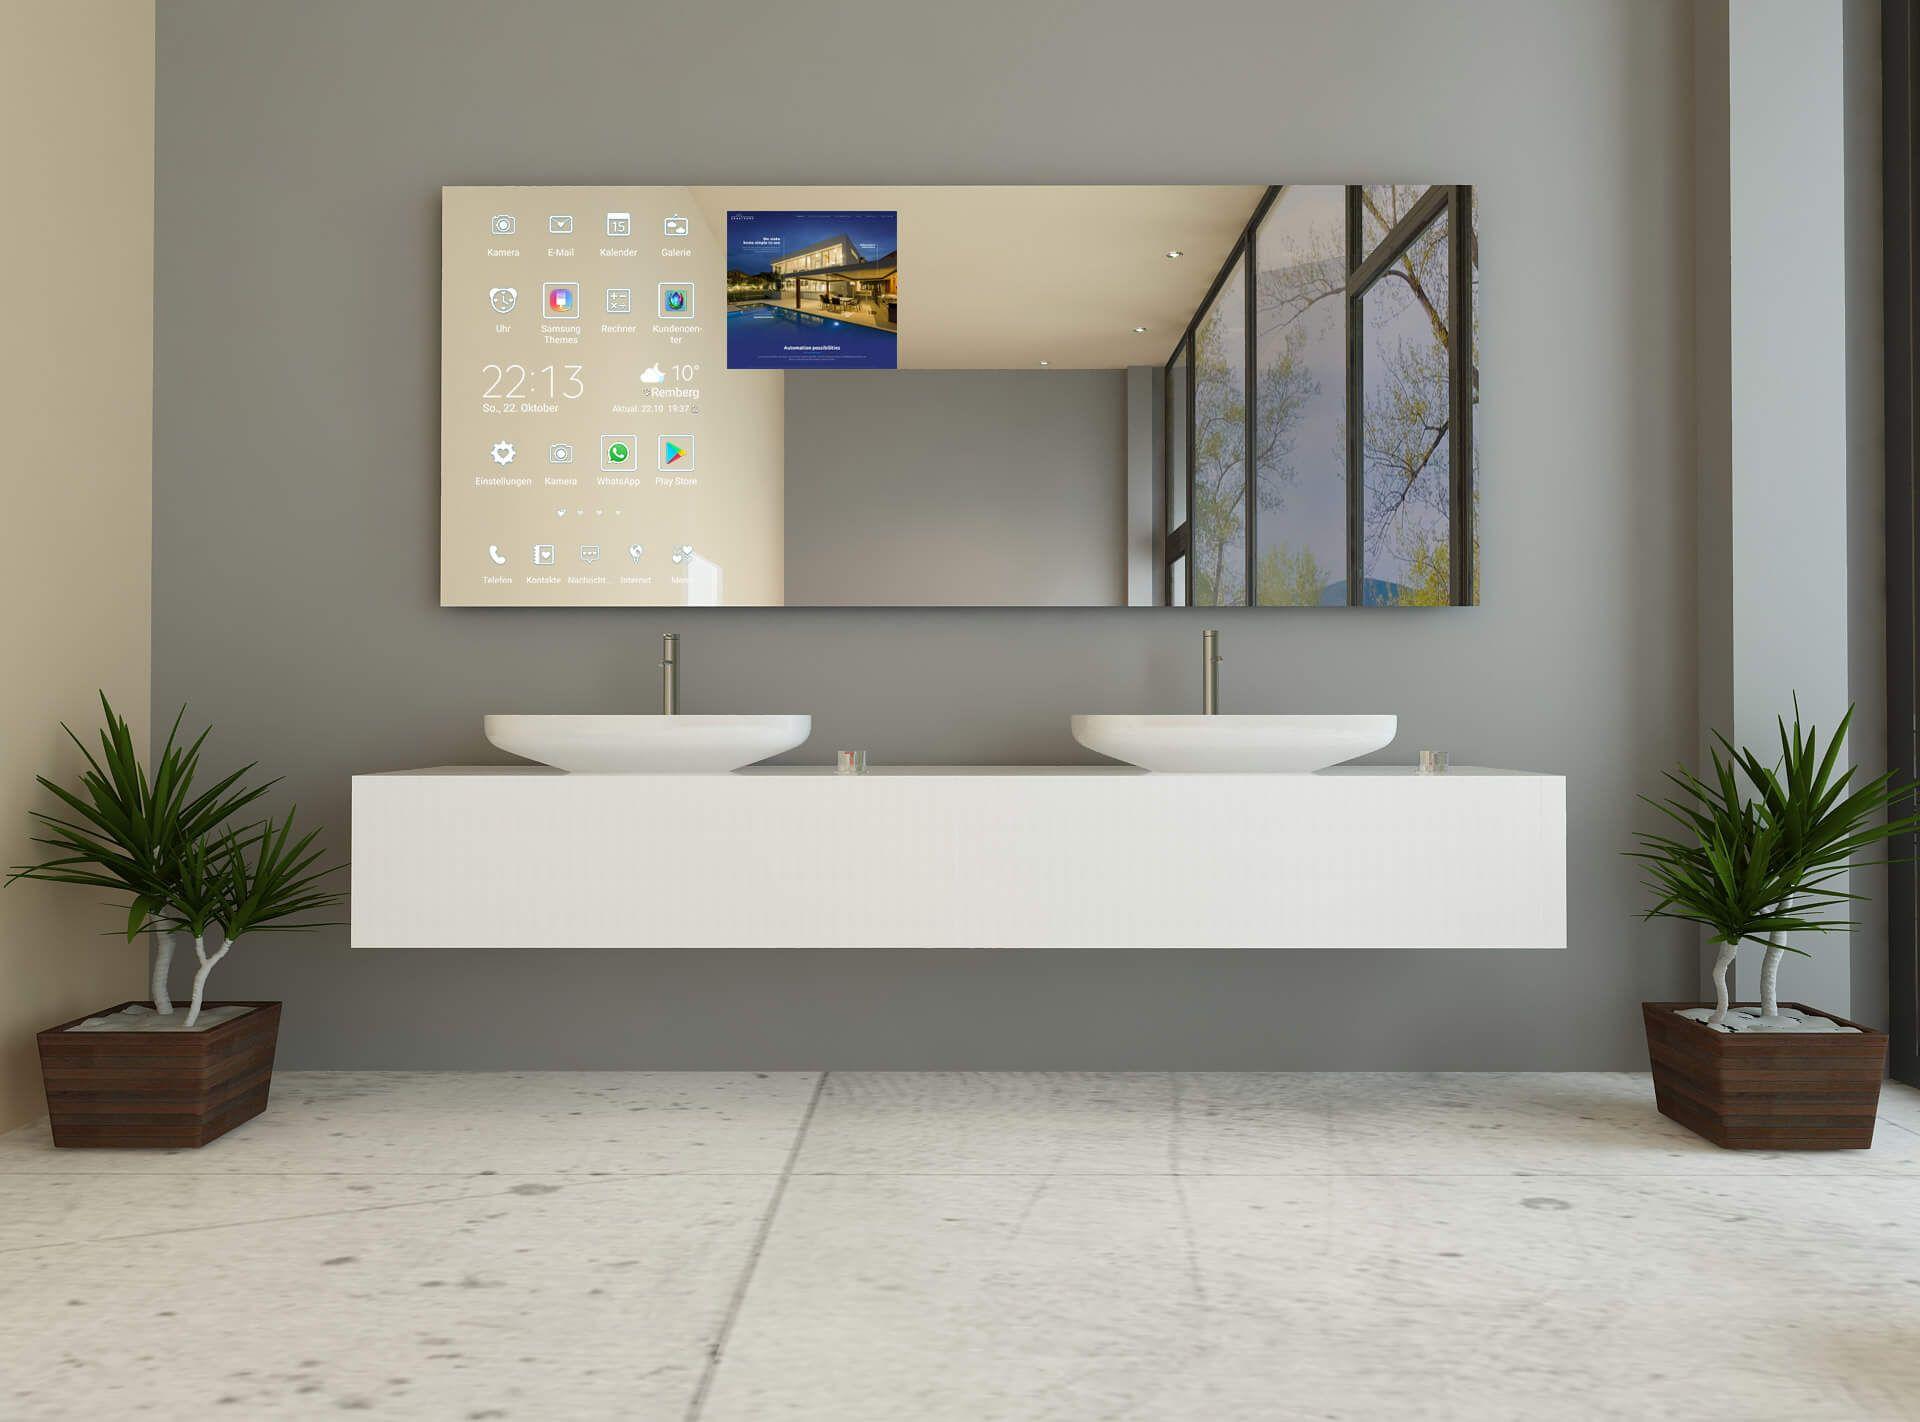 Smart Mirror Badezimmerspiegel Badezimmer Bad Spiegel Beleuchtung